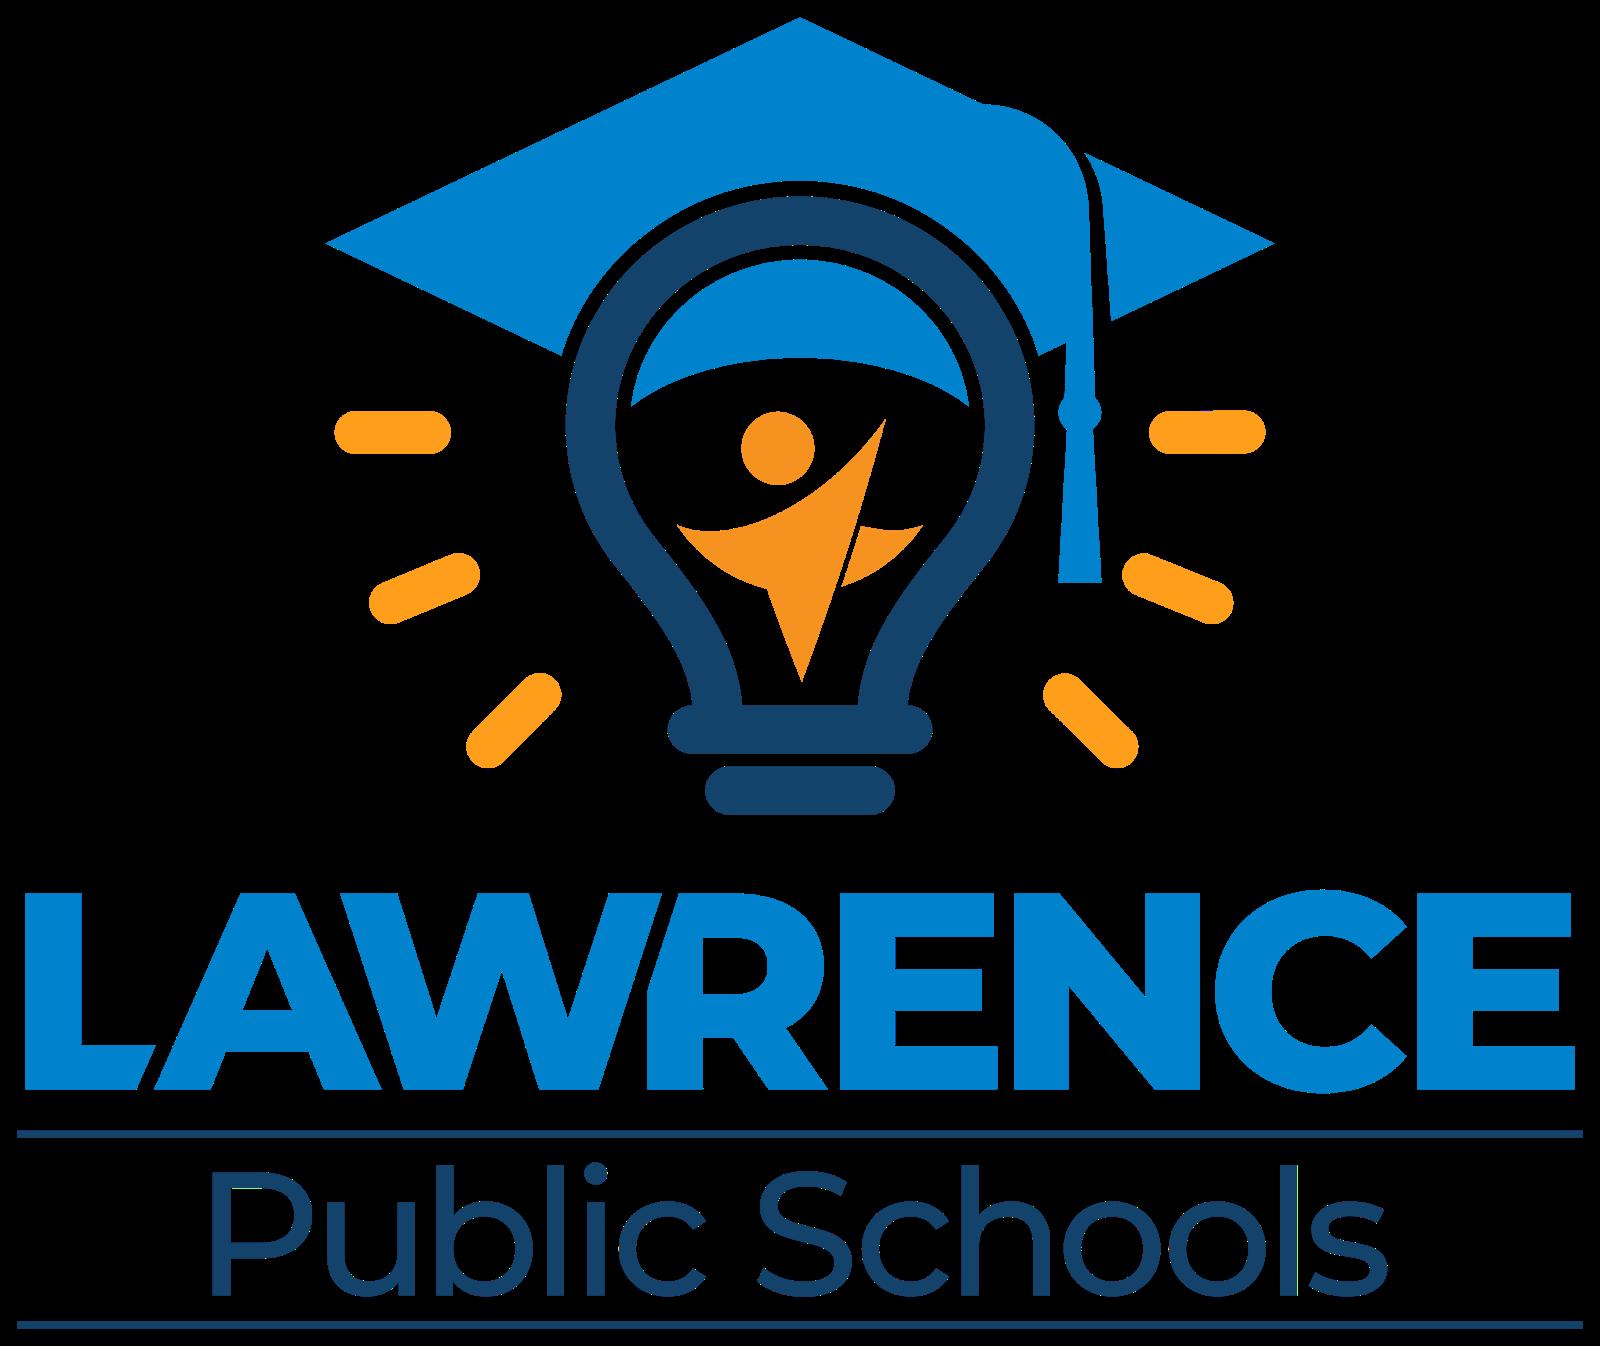 Lawrence Public Schools logo